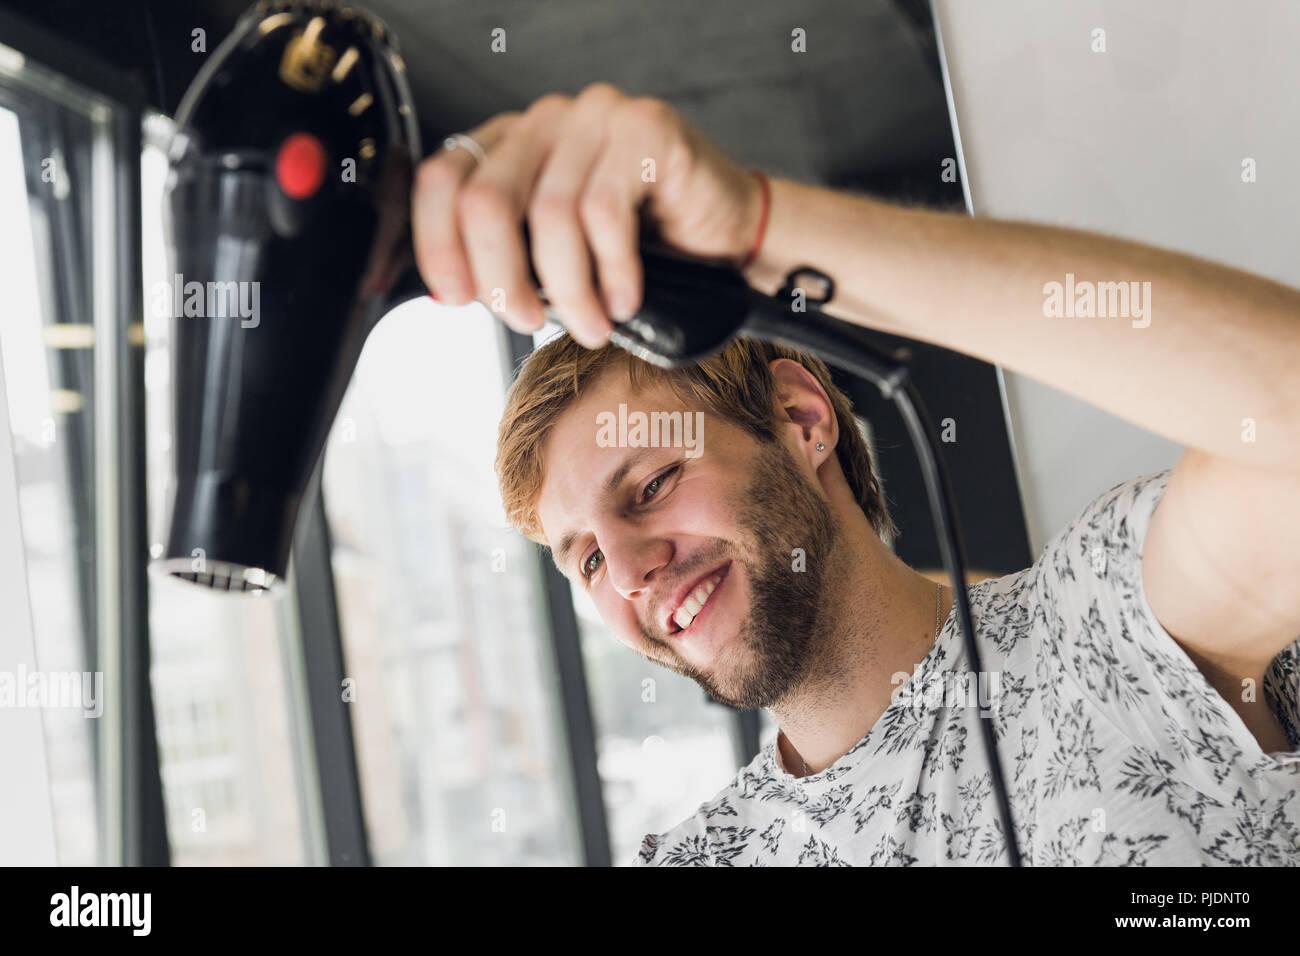 Männliche Friseur lächelnd und im Gespräch mit einem Kunden und gleichzeitig einen neuen Haarschnitt wunderschöne junge brünette Frau Stockbild